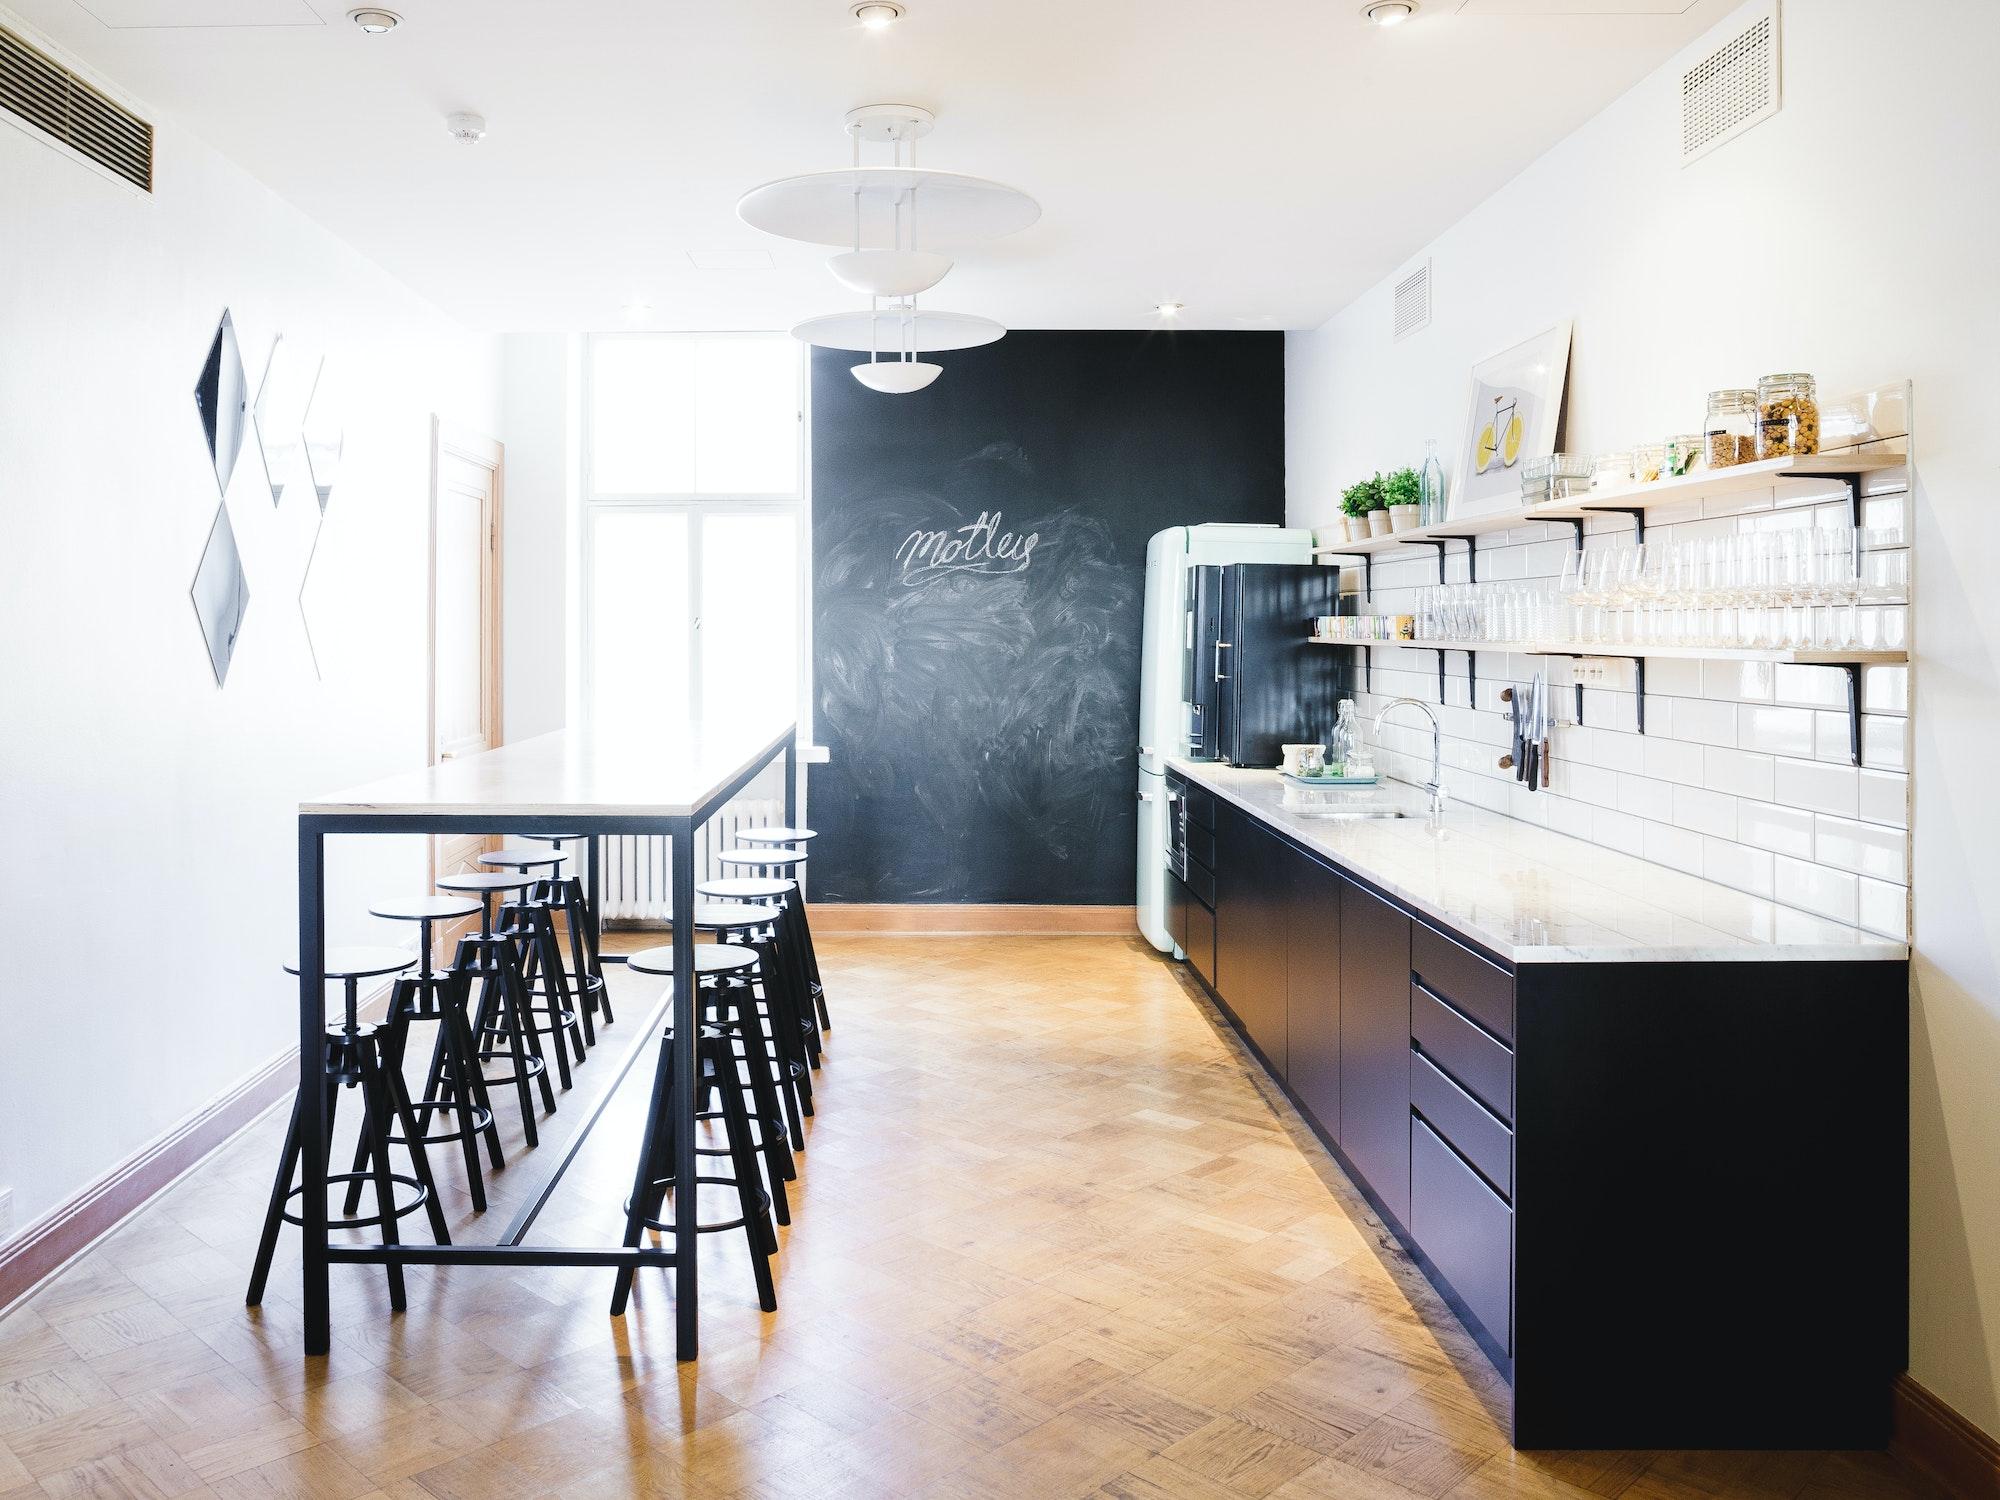 Motley office kitchen.